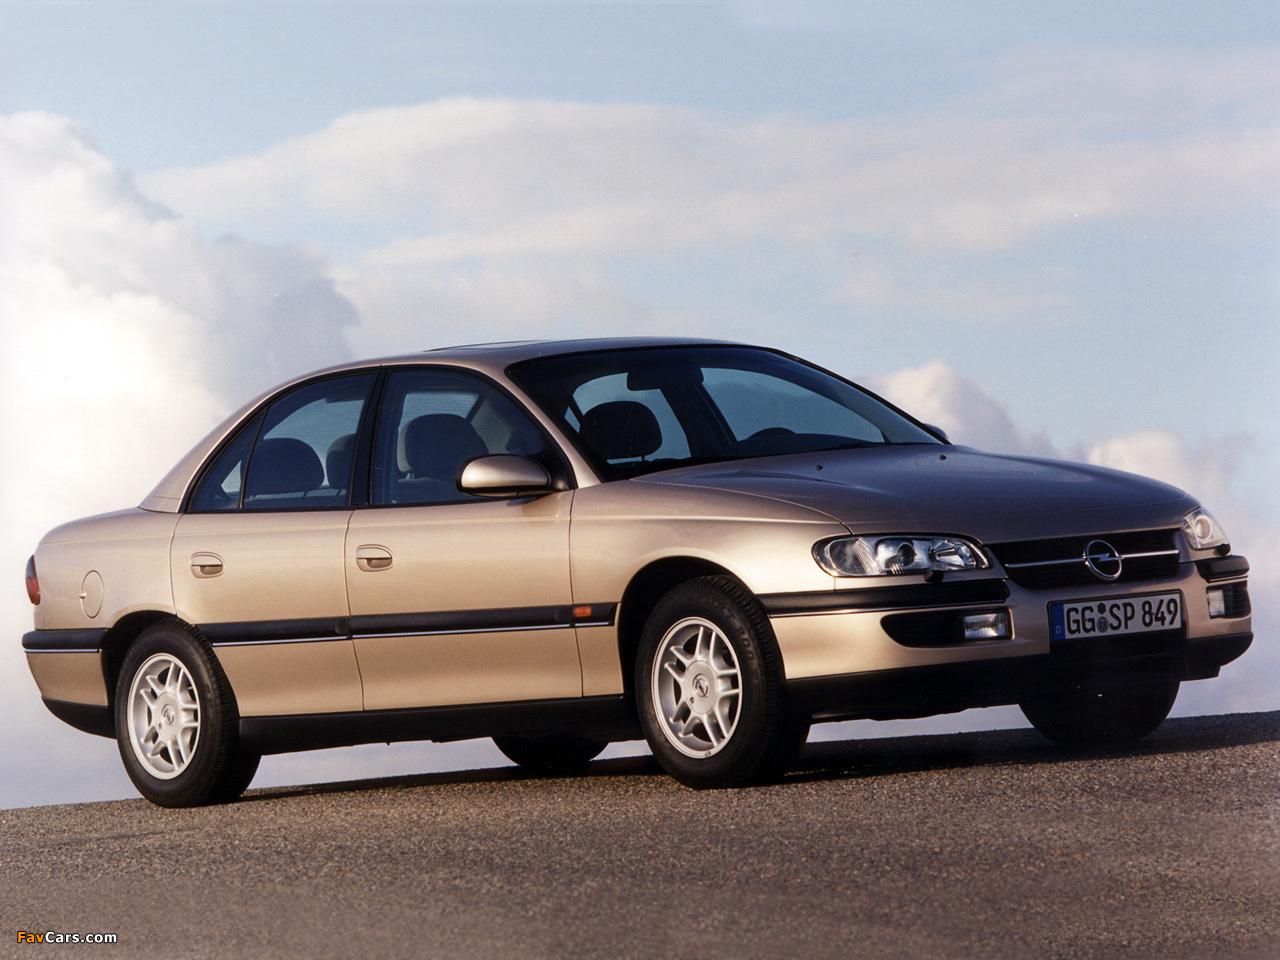 Opel Omega  B  1994 U201399 Wallpapers  1280x960